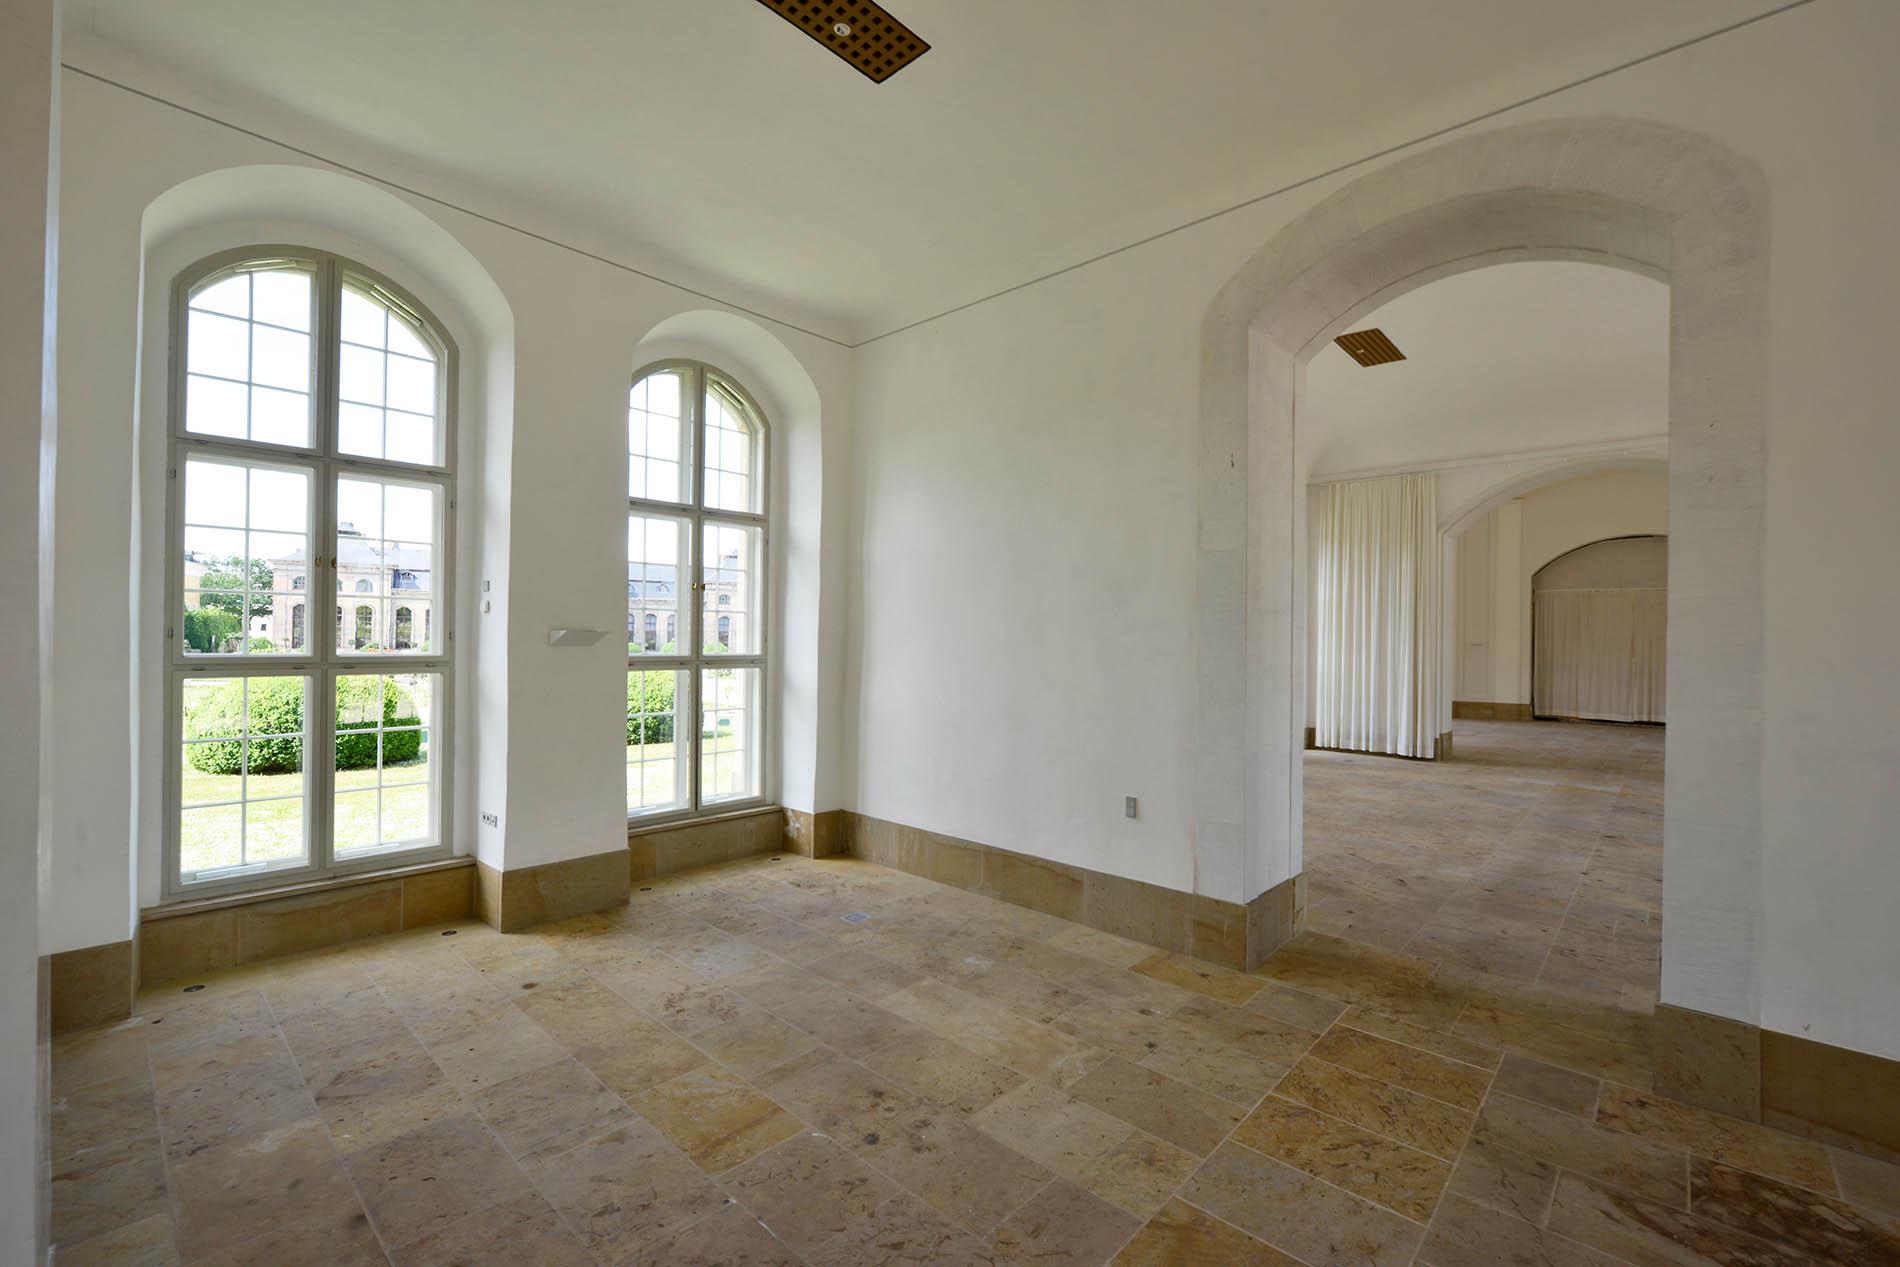 Orangerie Gotha - mit Sockelplatten und Bodenplatten aus Seeberger Sandstein